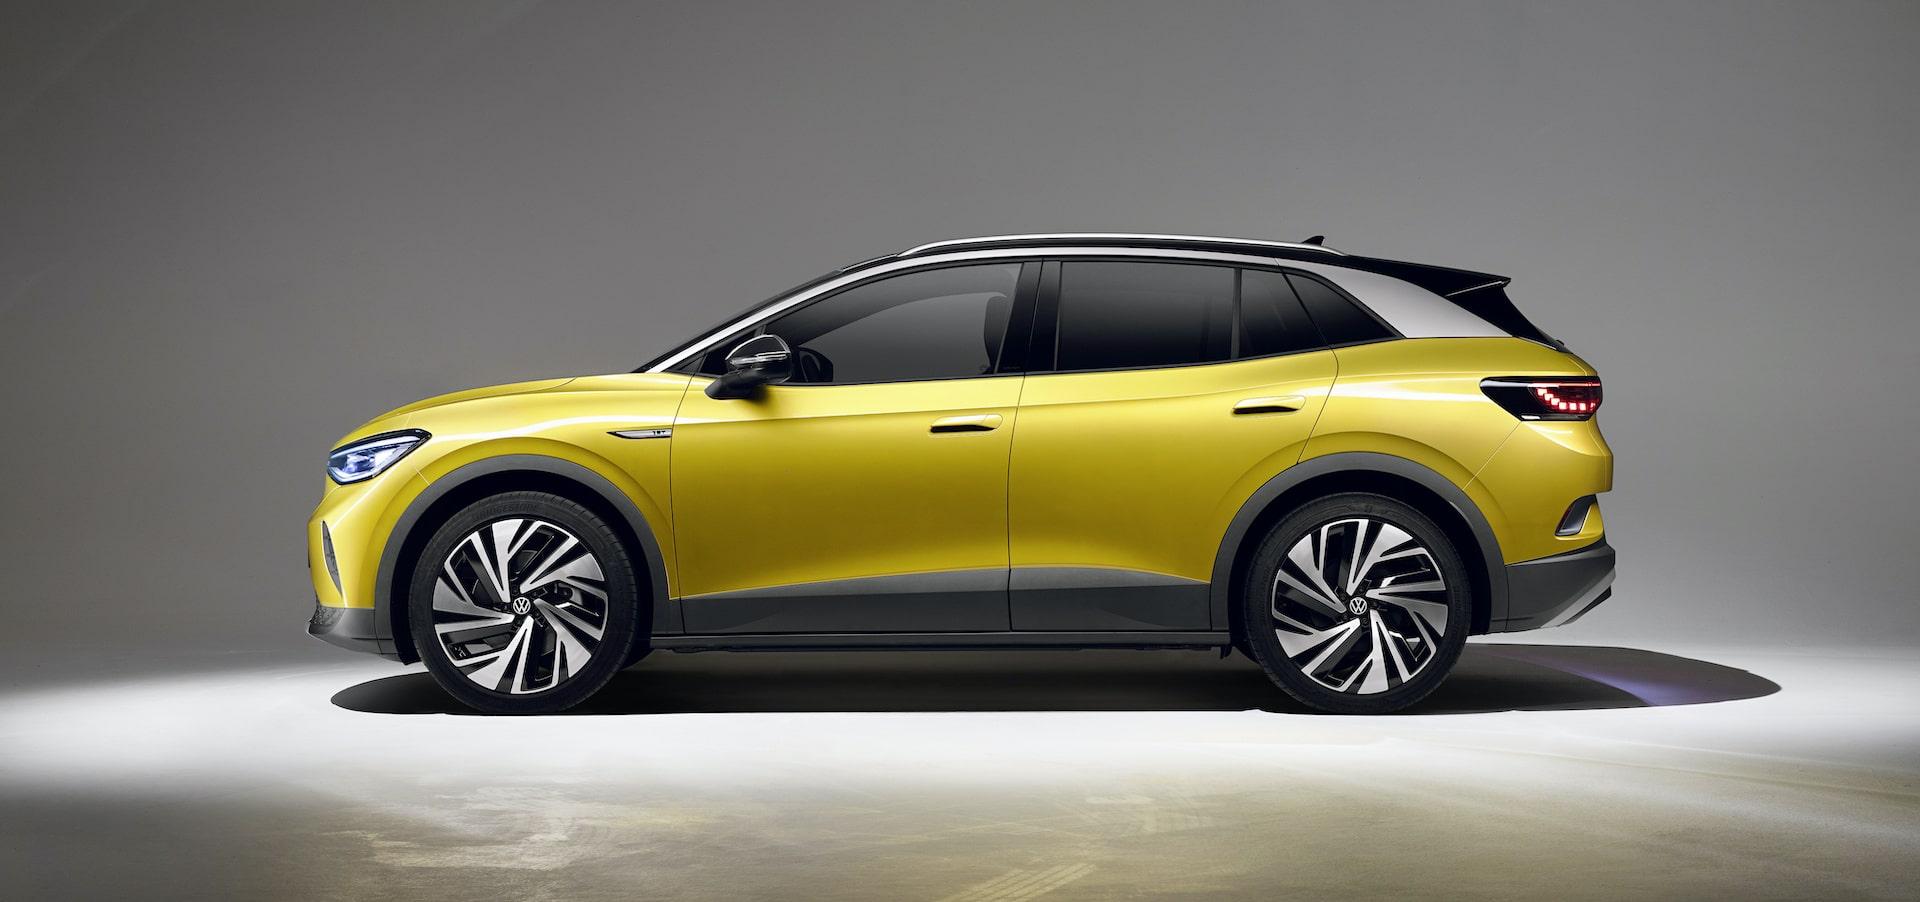 VW-ID4-Elektroauto-Elektro-SUV